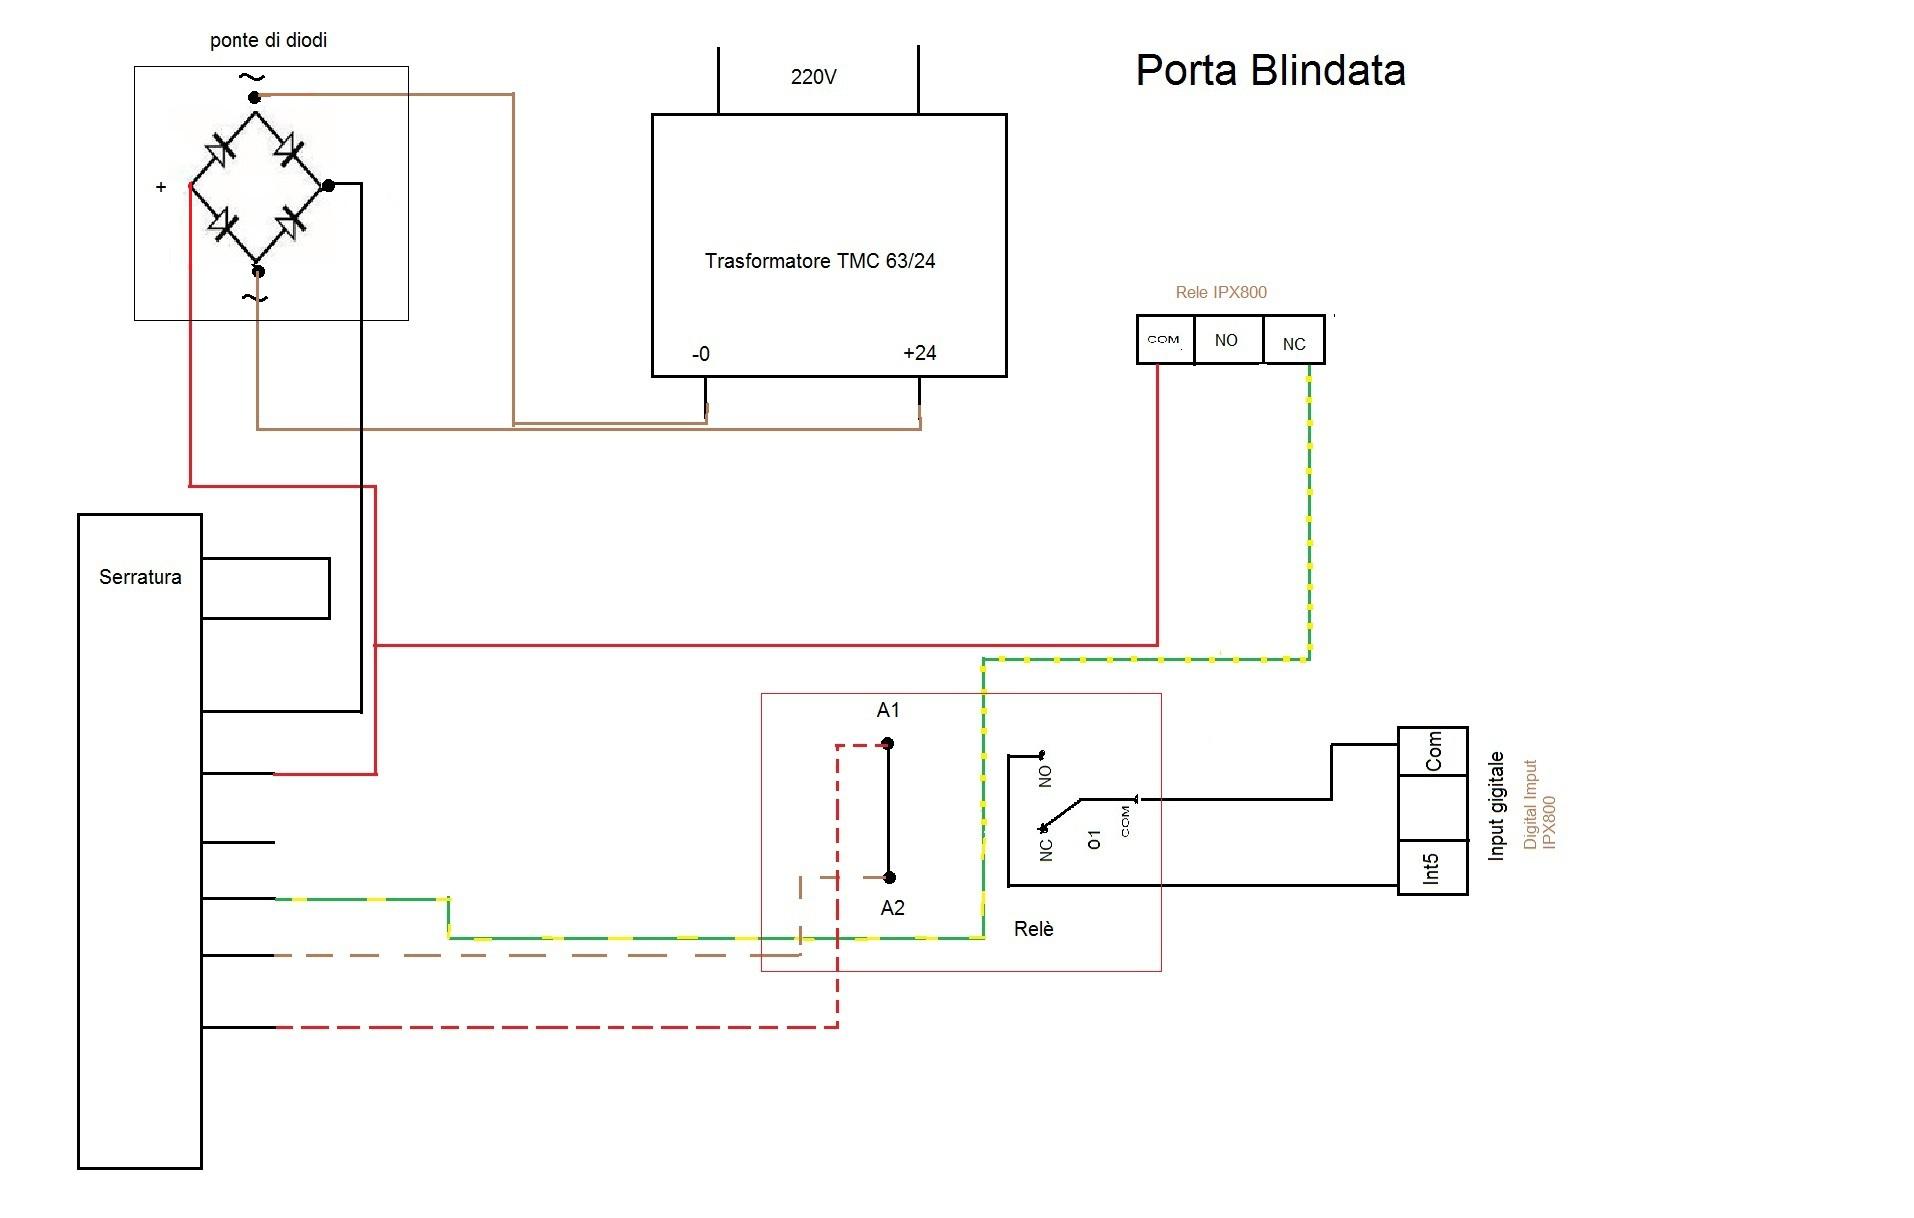 Domotiser Sa Boite Aux Lettres Cartes Ethernet Ipx800